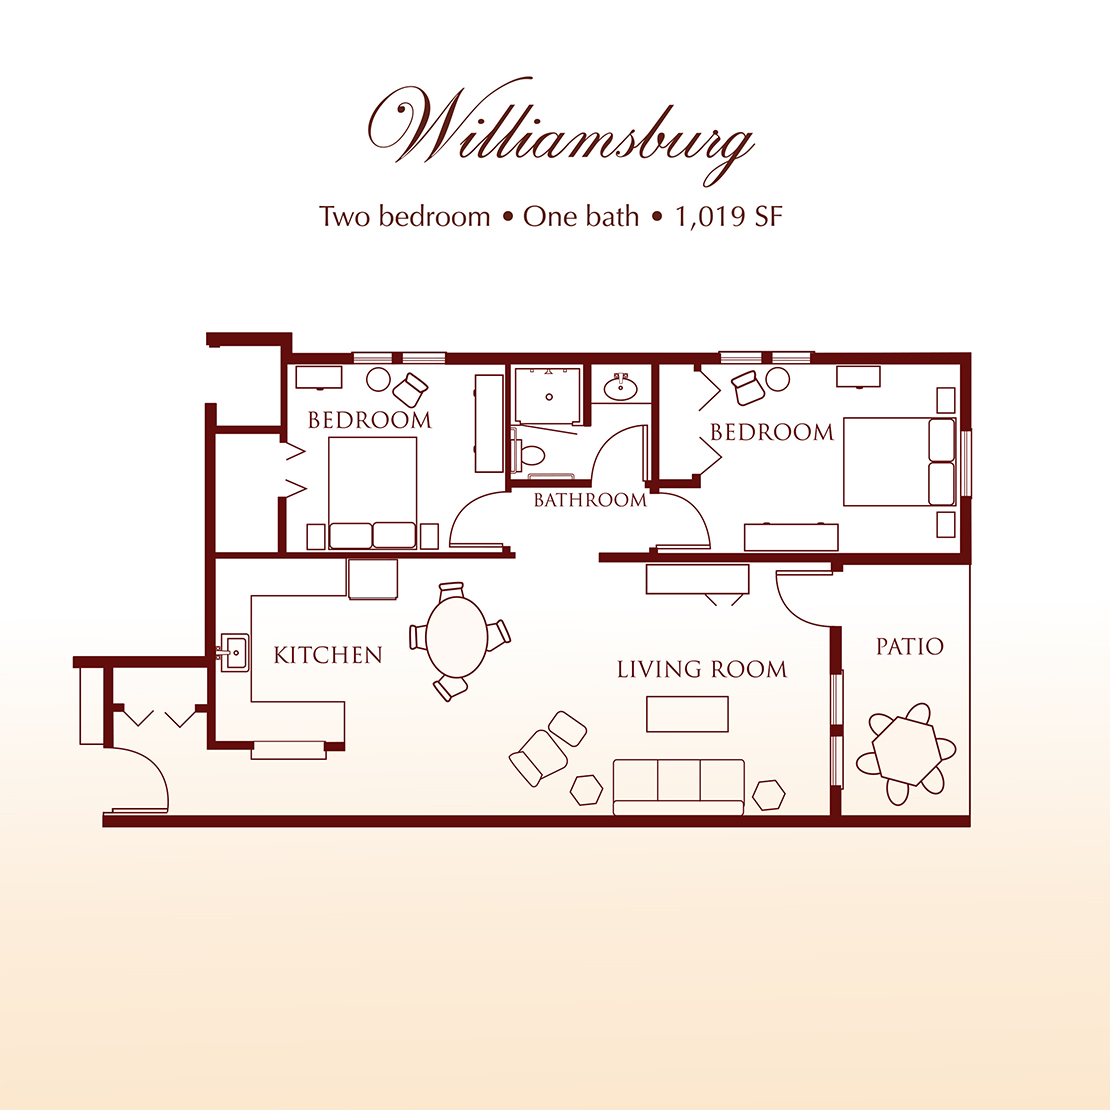 Williamsburg Two Bedroom Suite Floor Plan